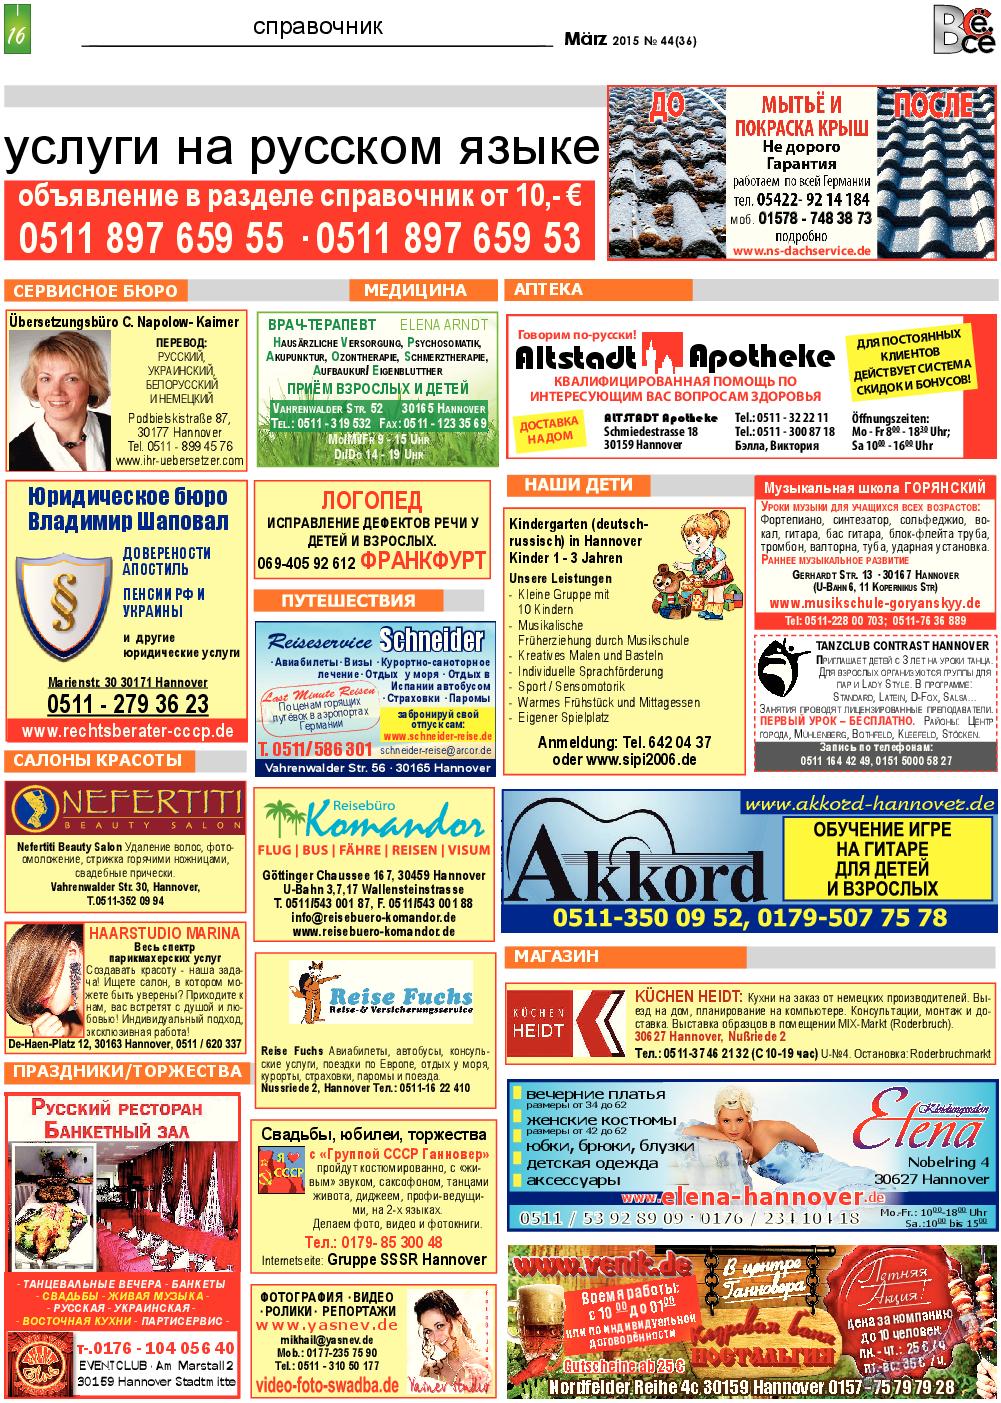 Все pro все (газета). 2015 год, номер 44, стр. 16